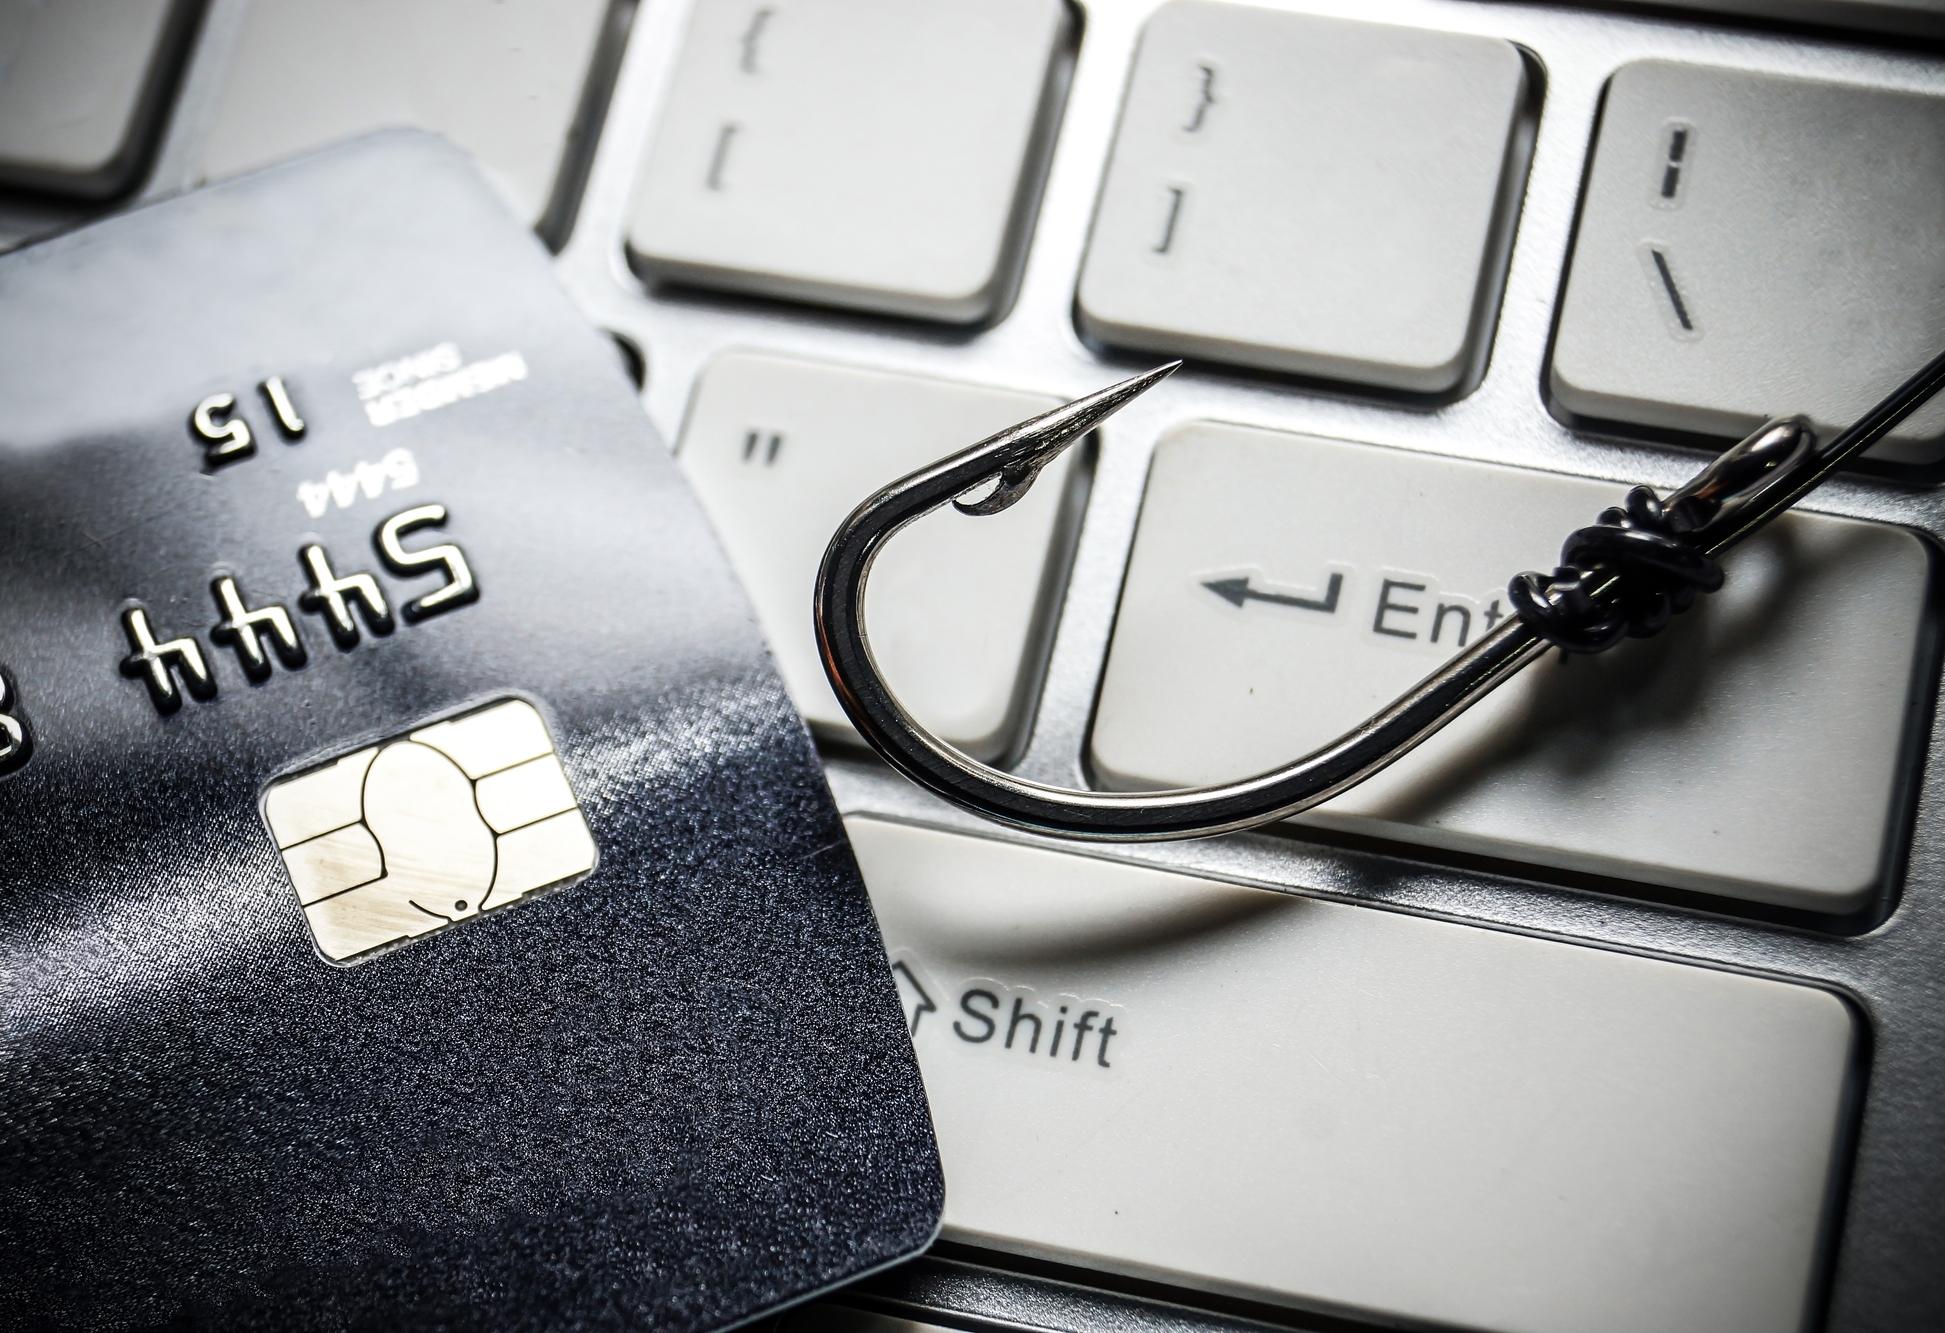 El 85% de las marcas de moda detecta falsificadores online... y 9 de cada 10 siguen en activo